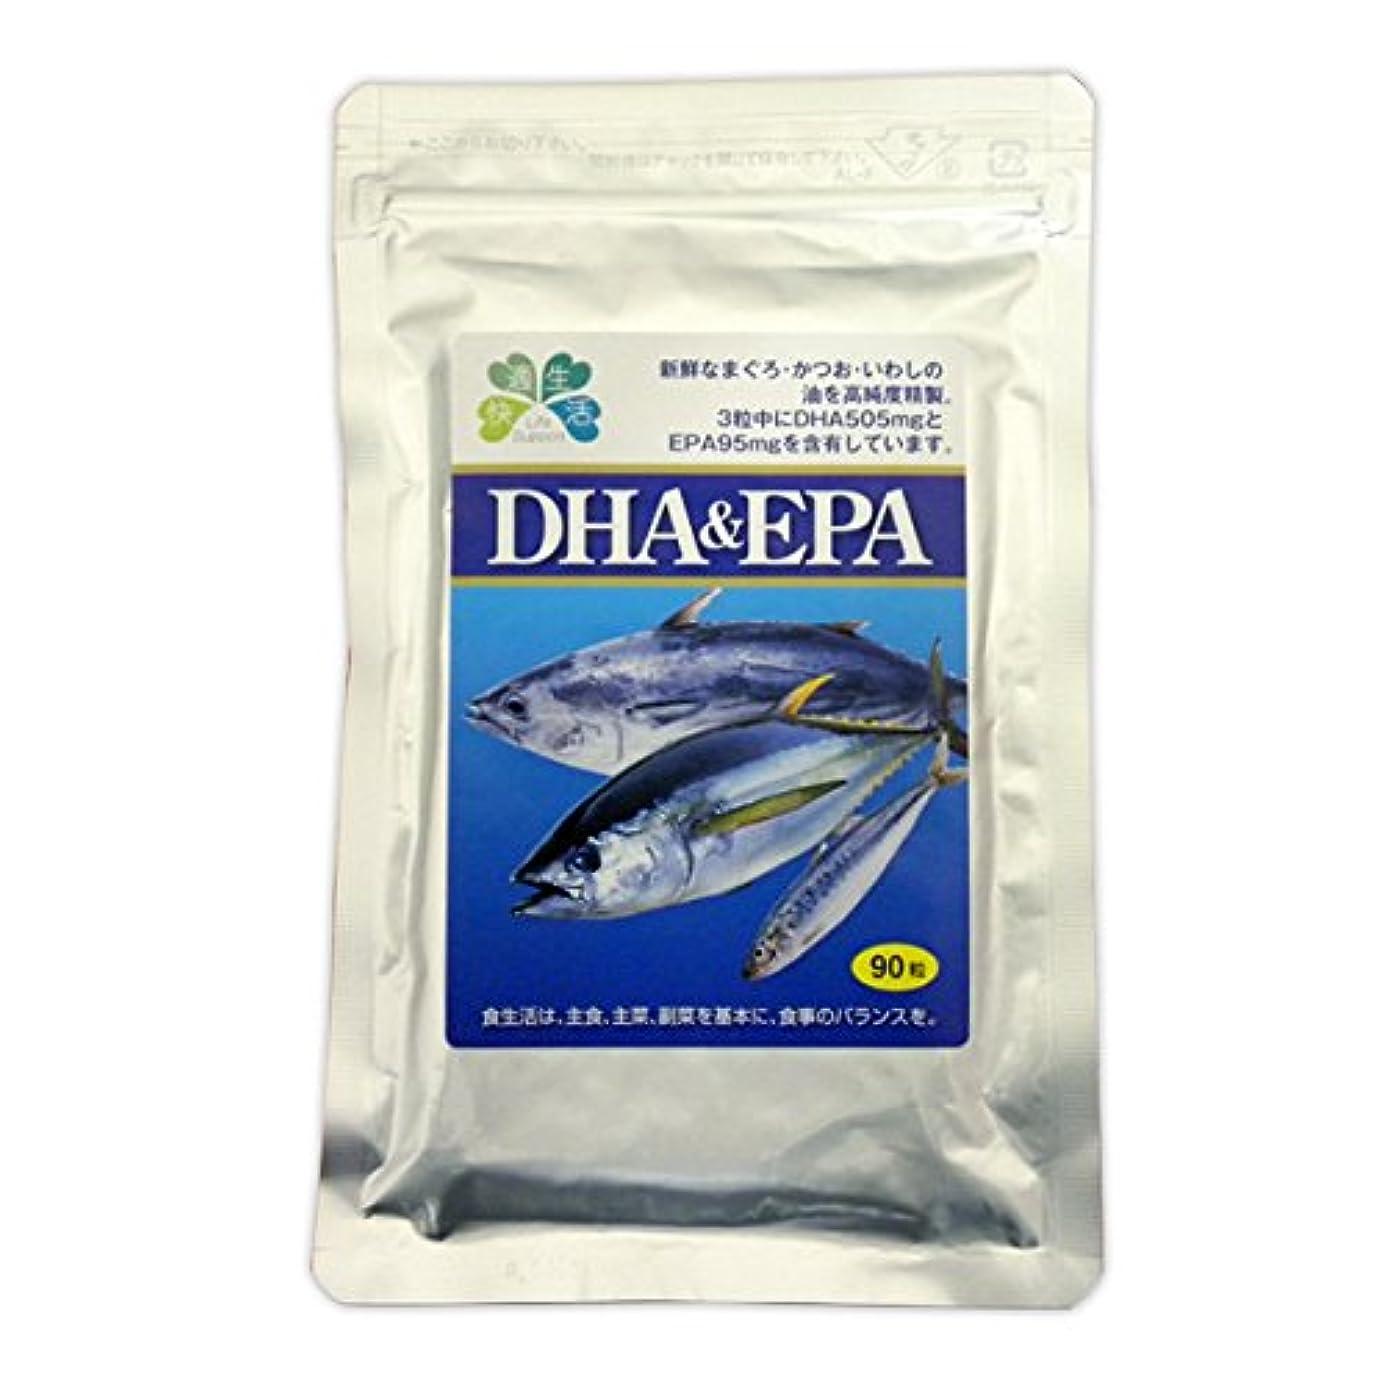 危険バラ色促進する快適生活 DHA&EPA 4袋